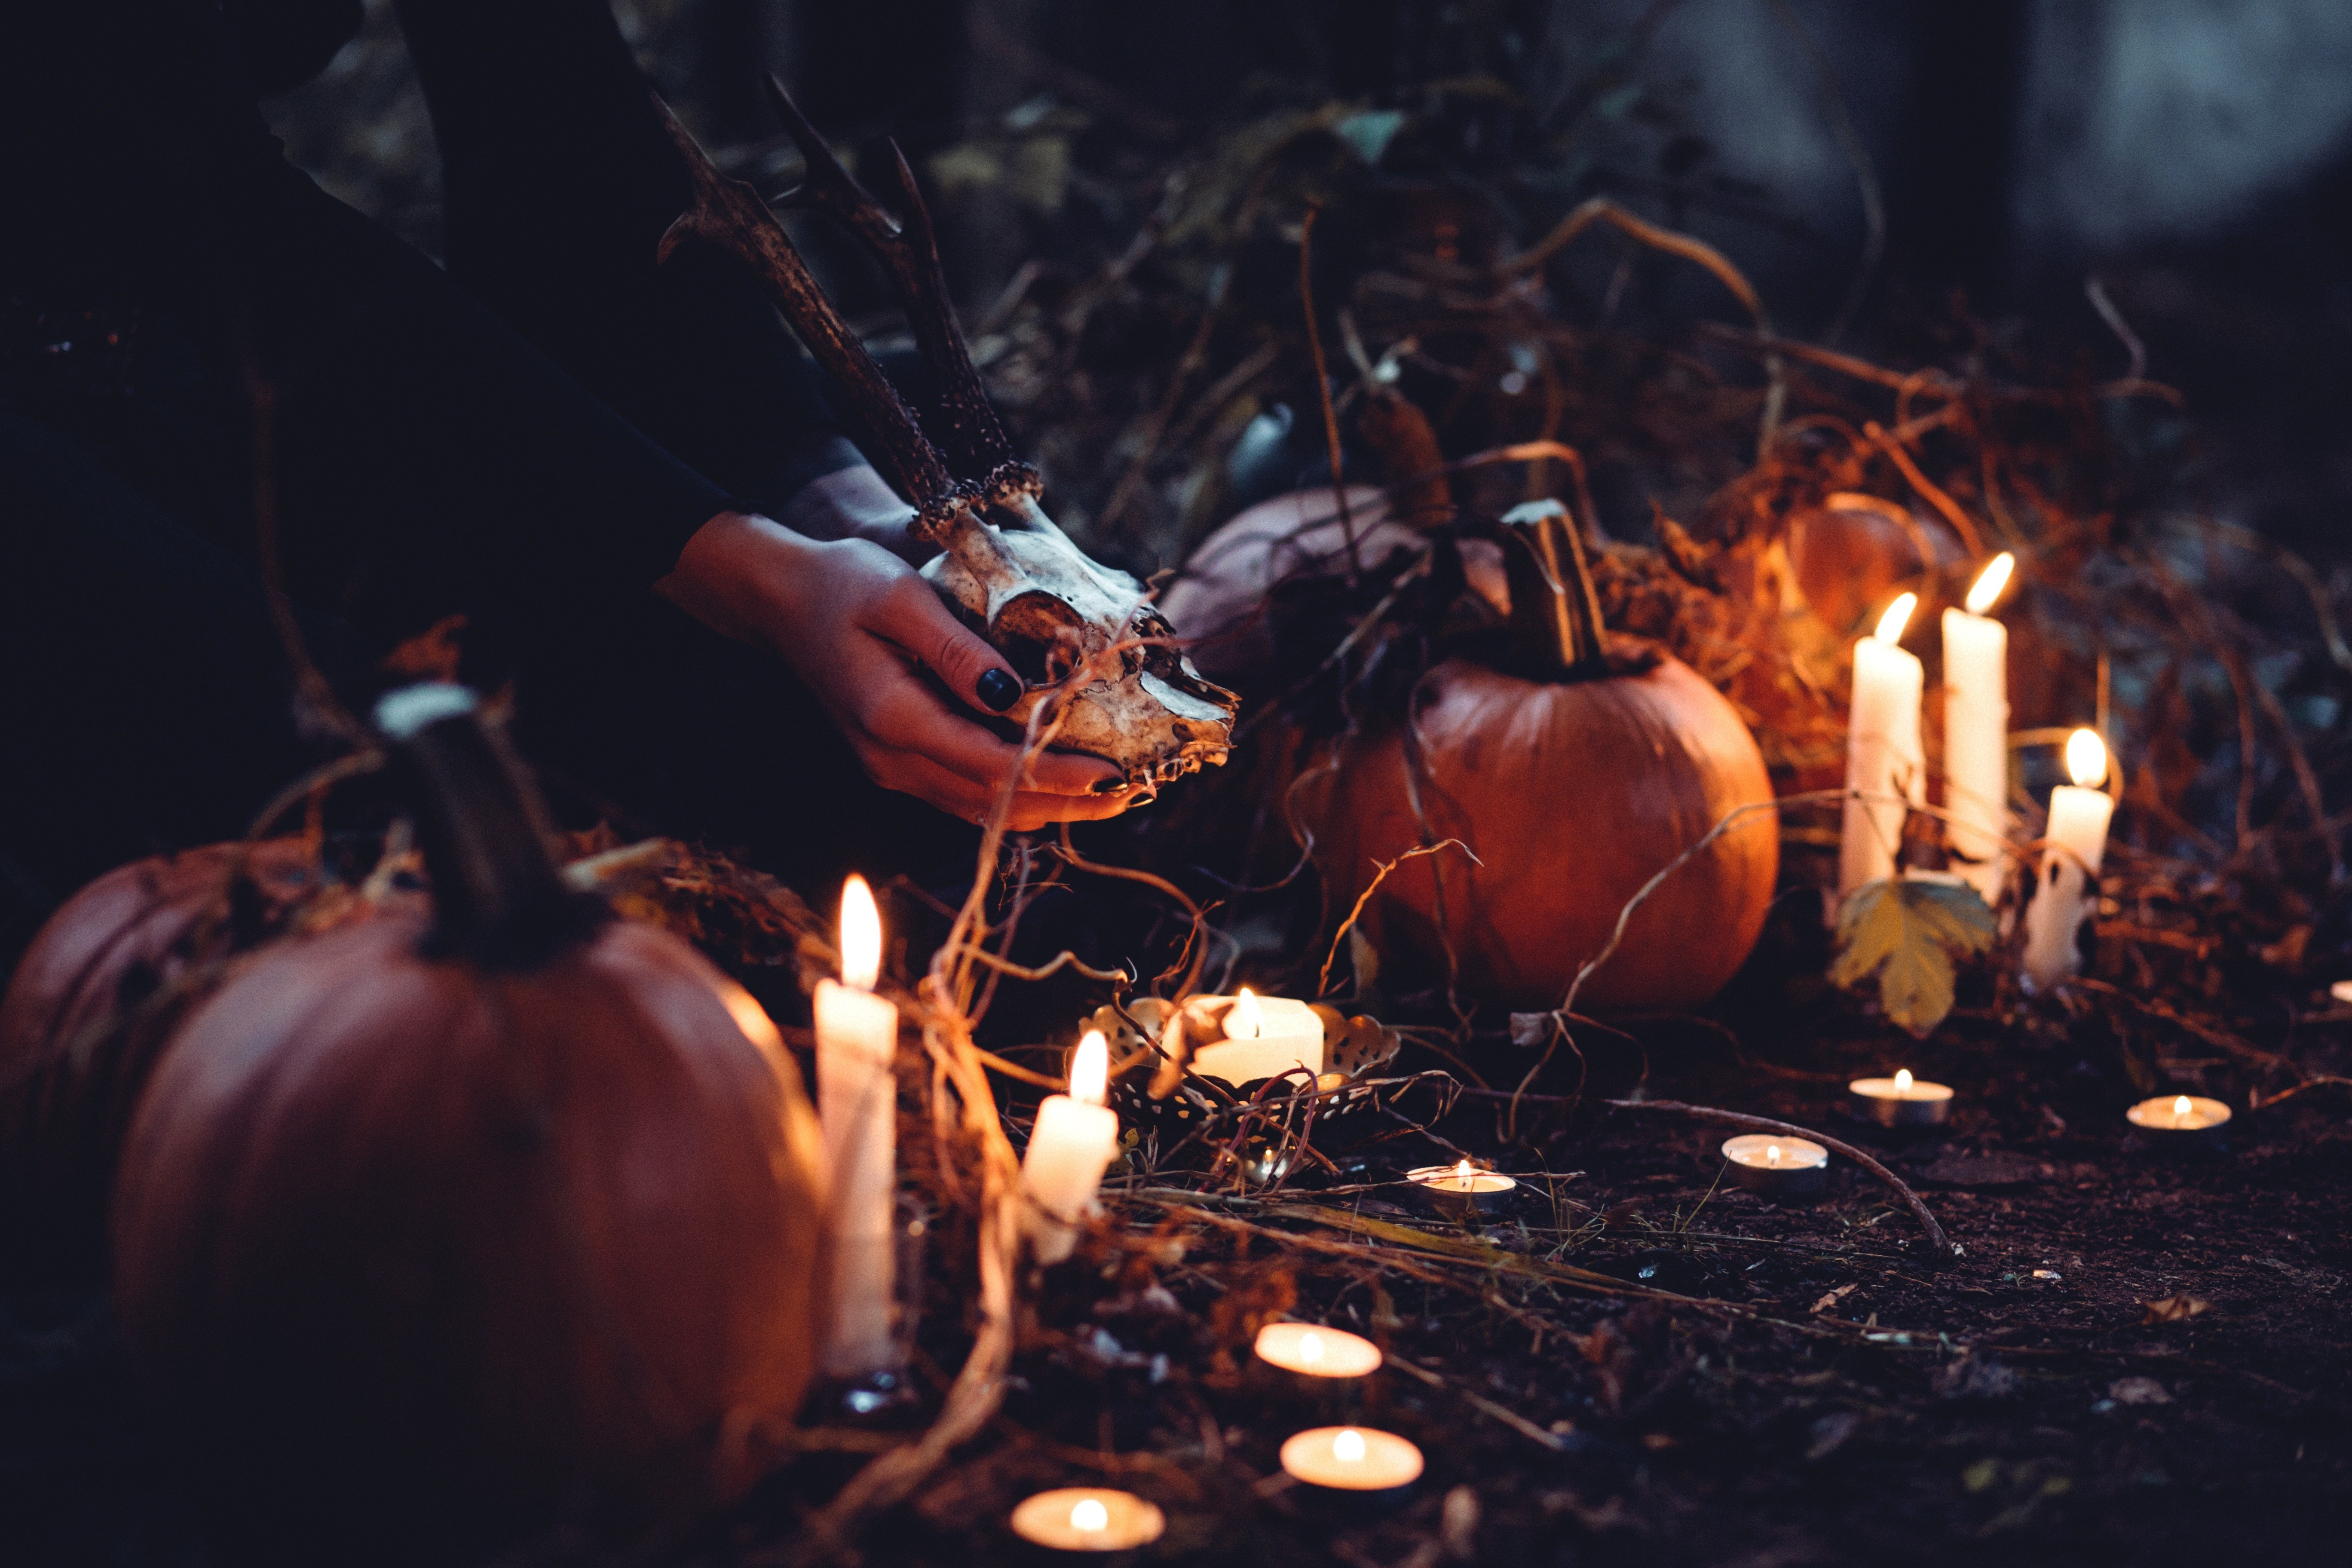 Как провести празднование хэллоуина по всем правилам